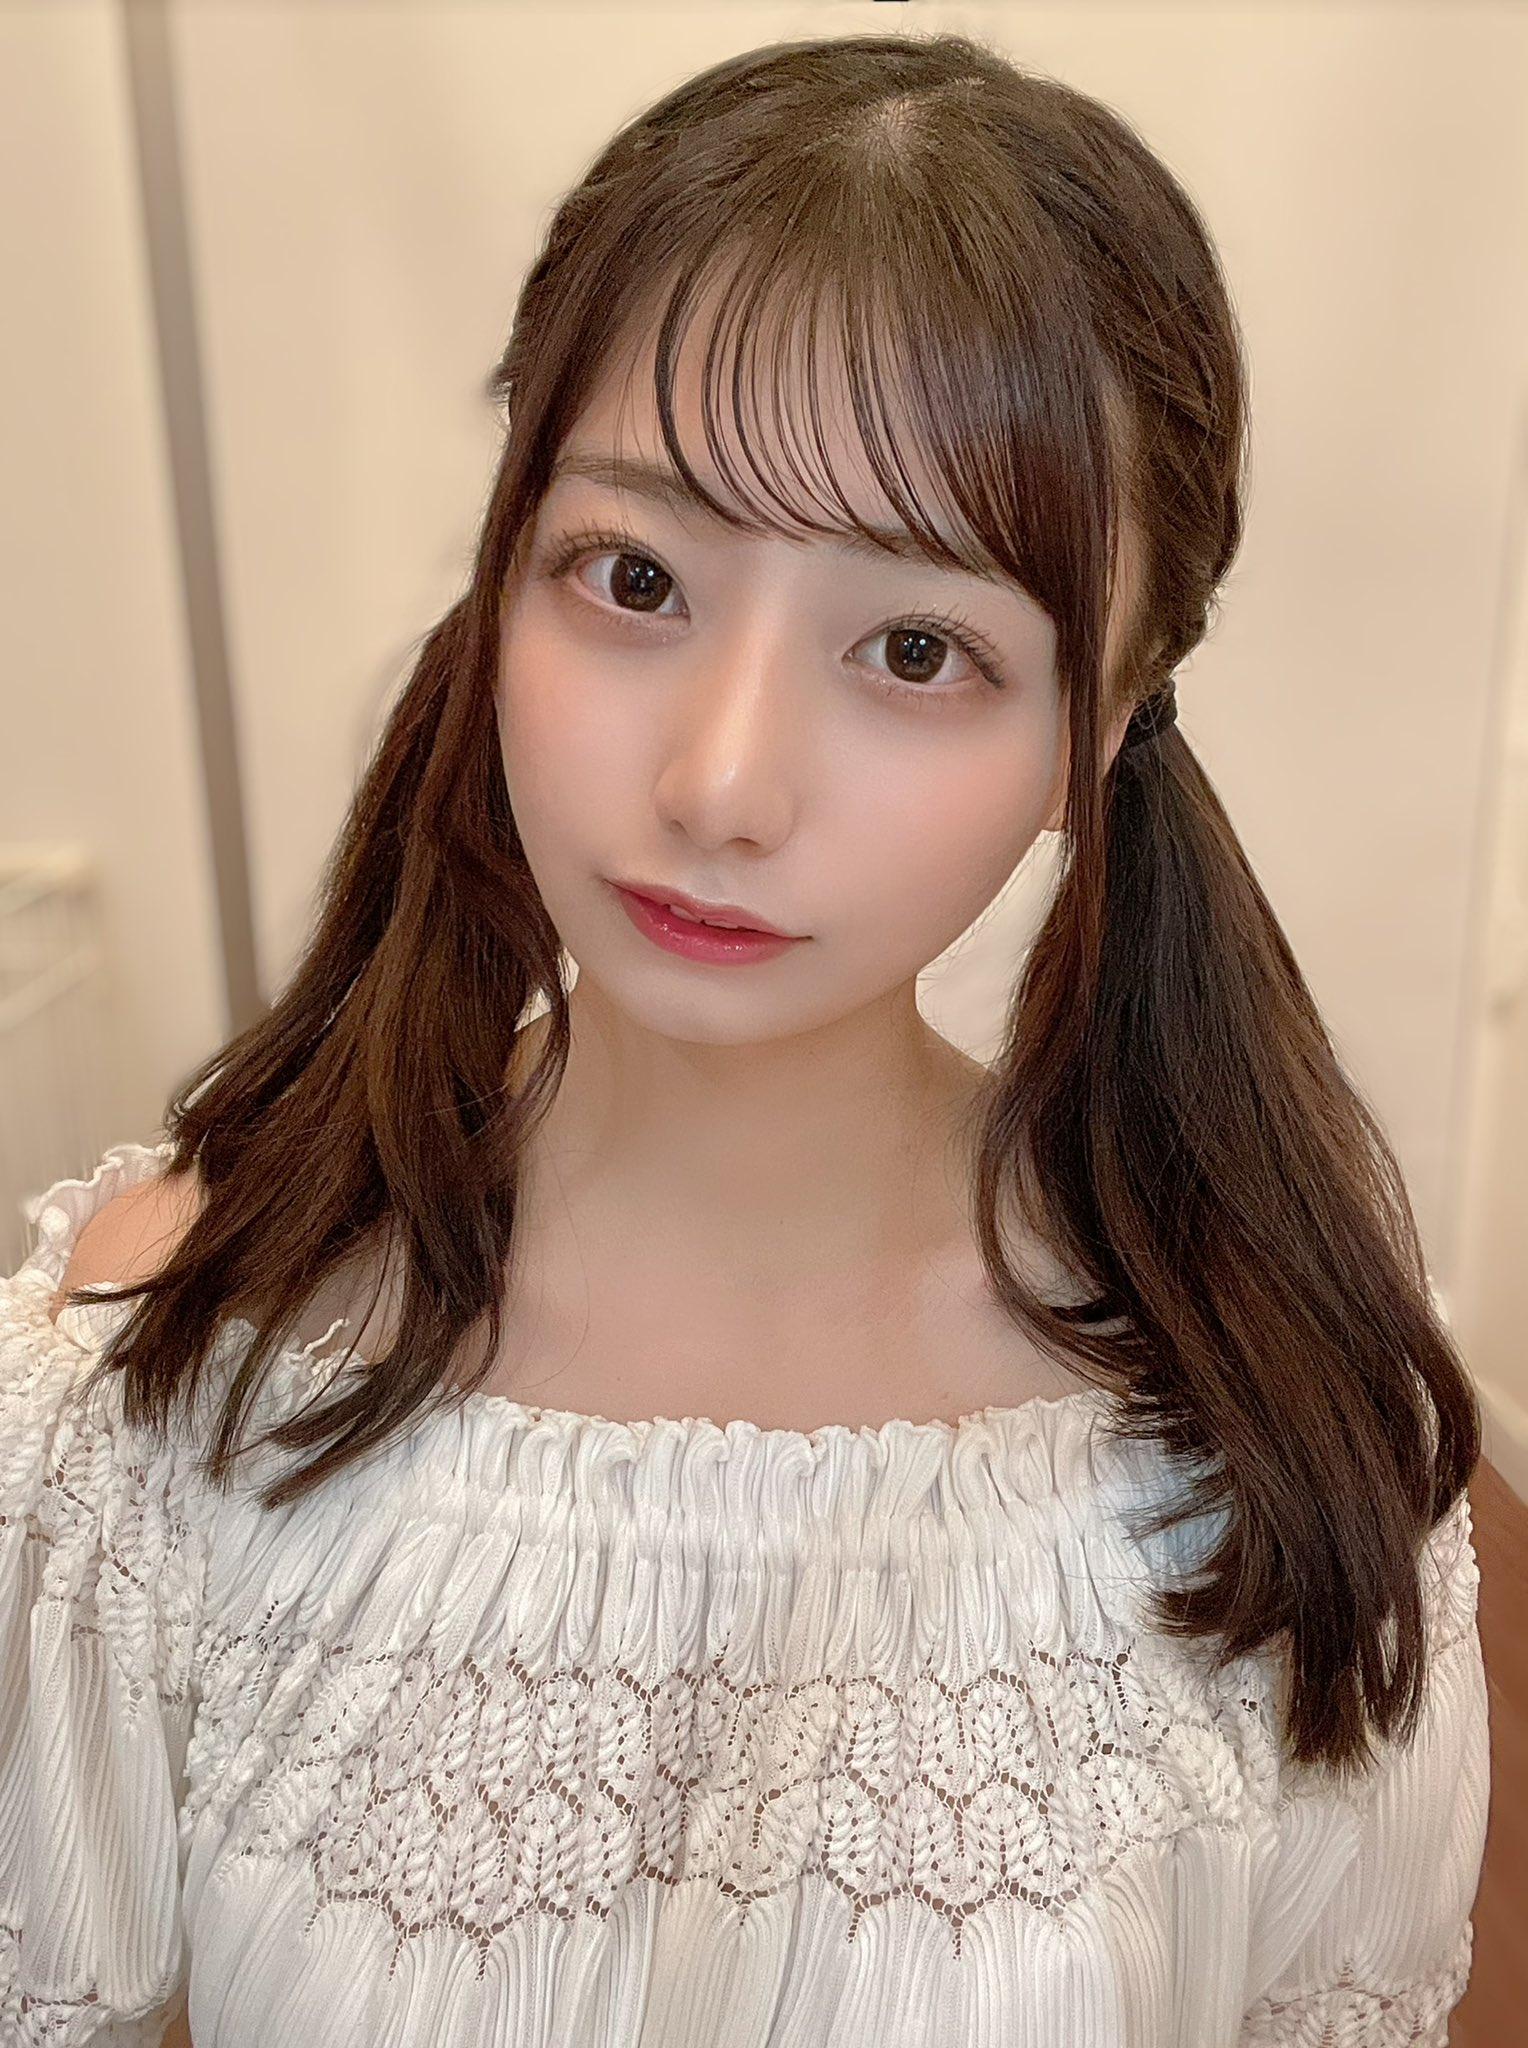 【衝撃】 AKB鈴木優香さん、テレビのロケ番組がヤラセであると暴露wwwwwwwww